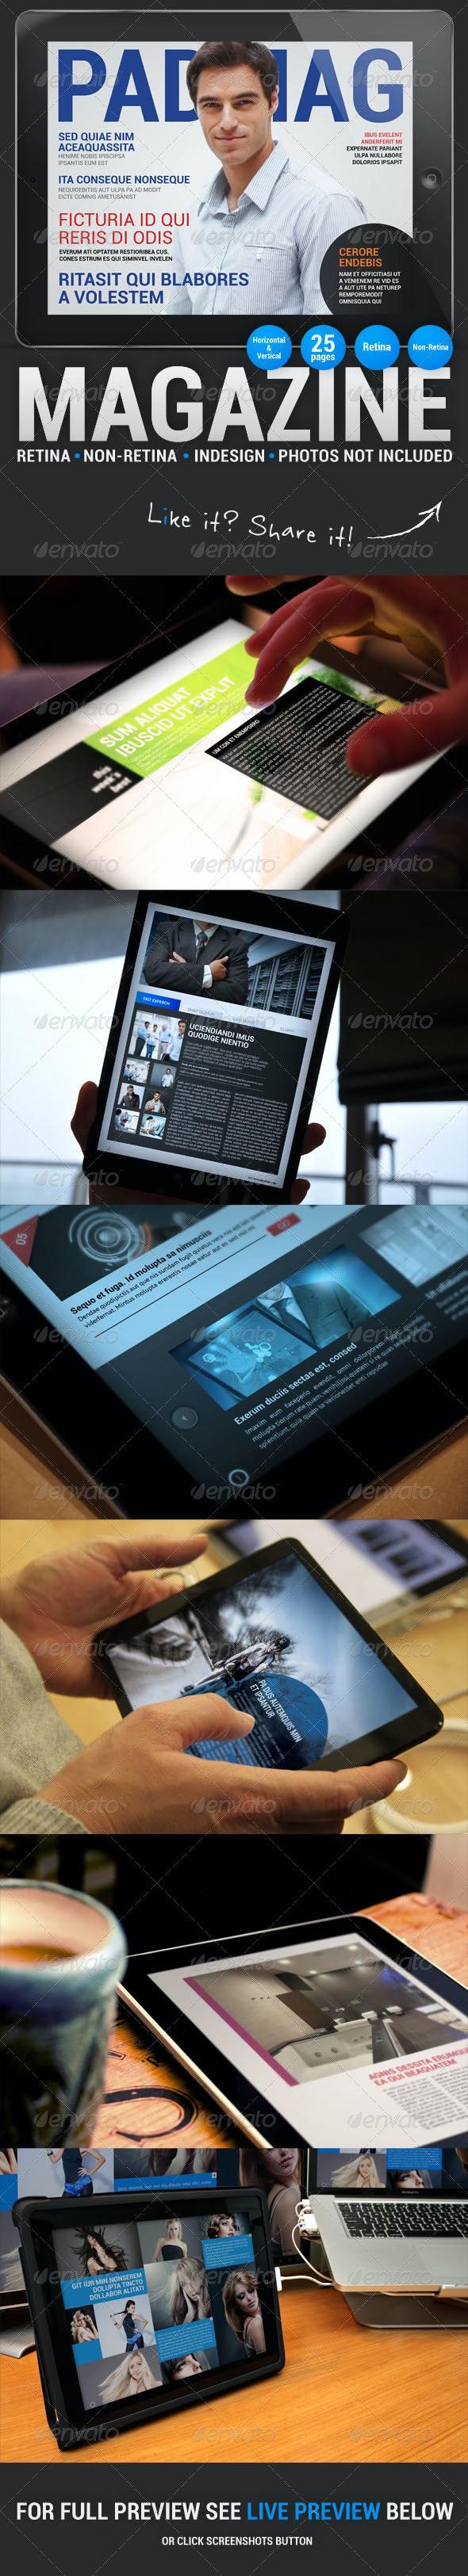 PadMag 25 Pages iPad Magazine - Digital Magazines ePublishing